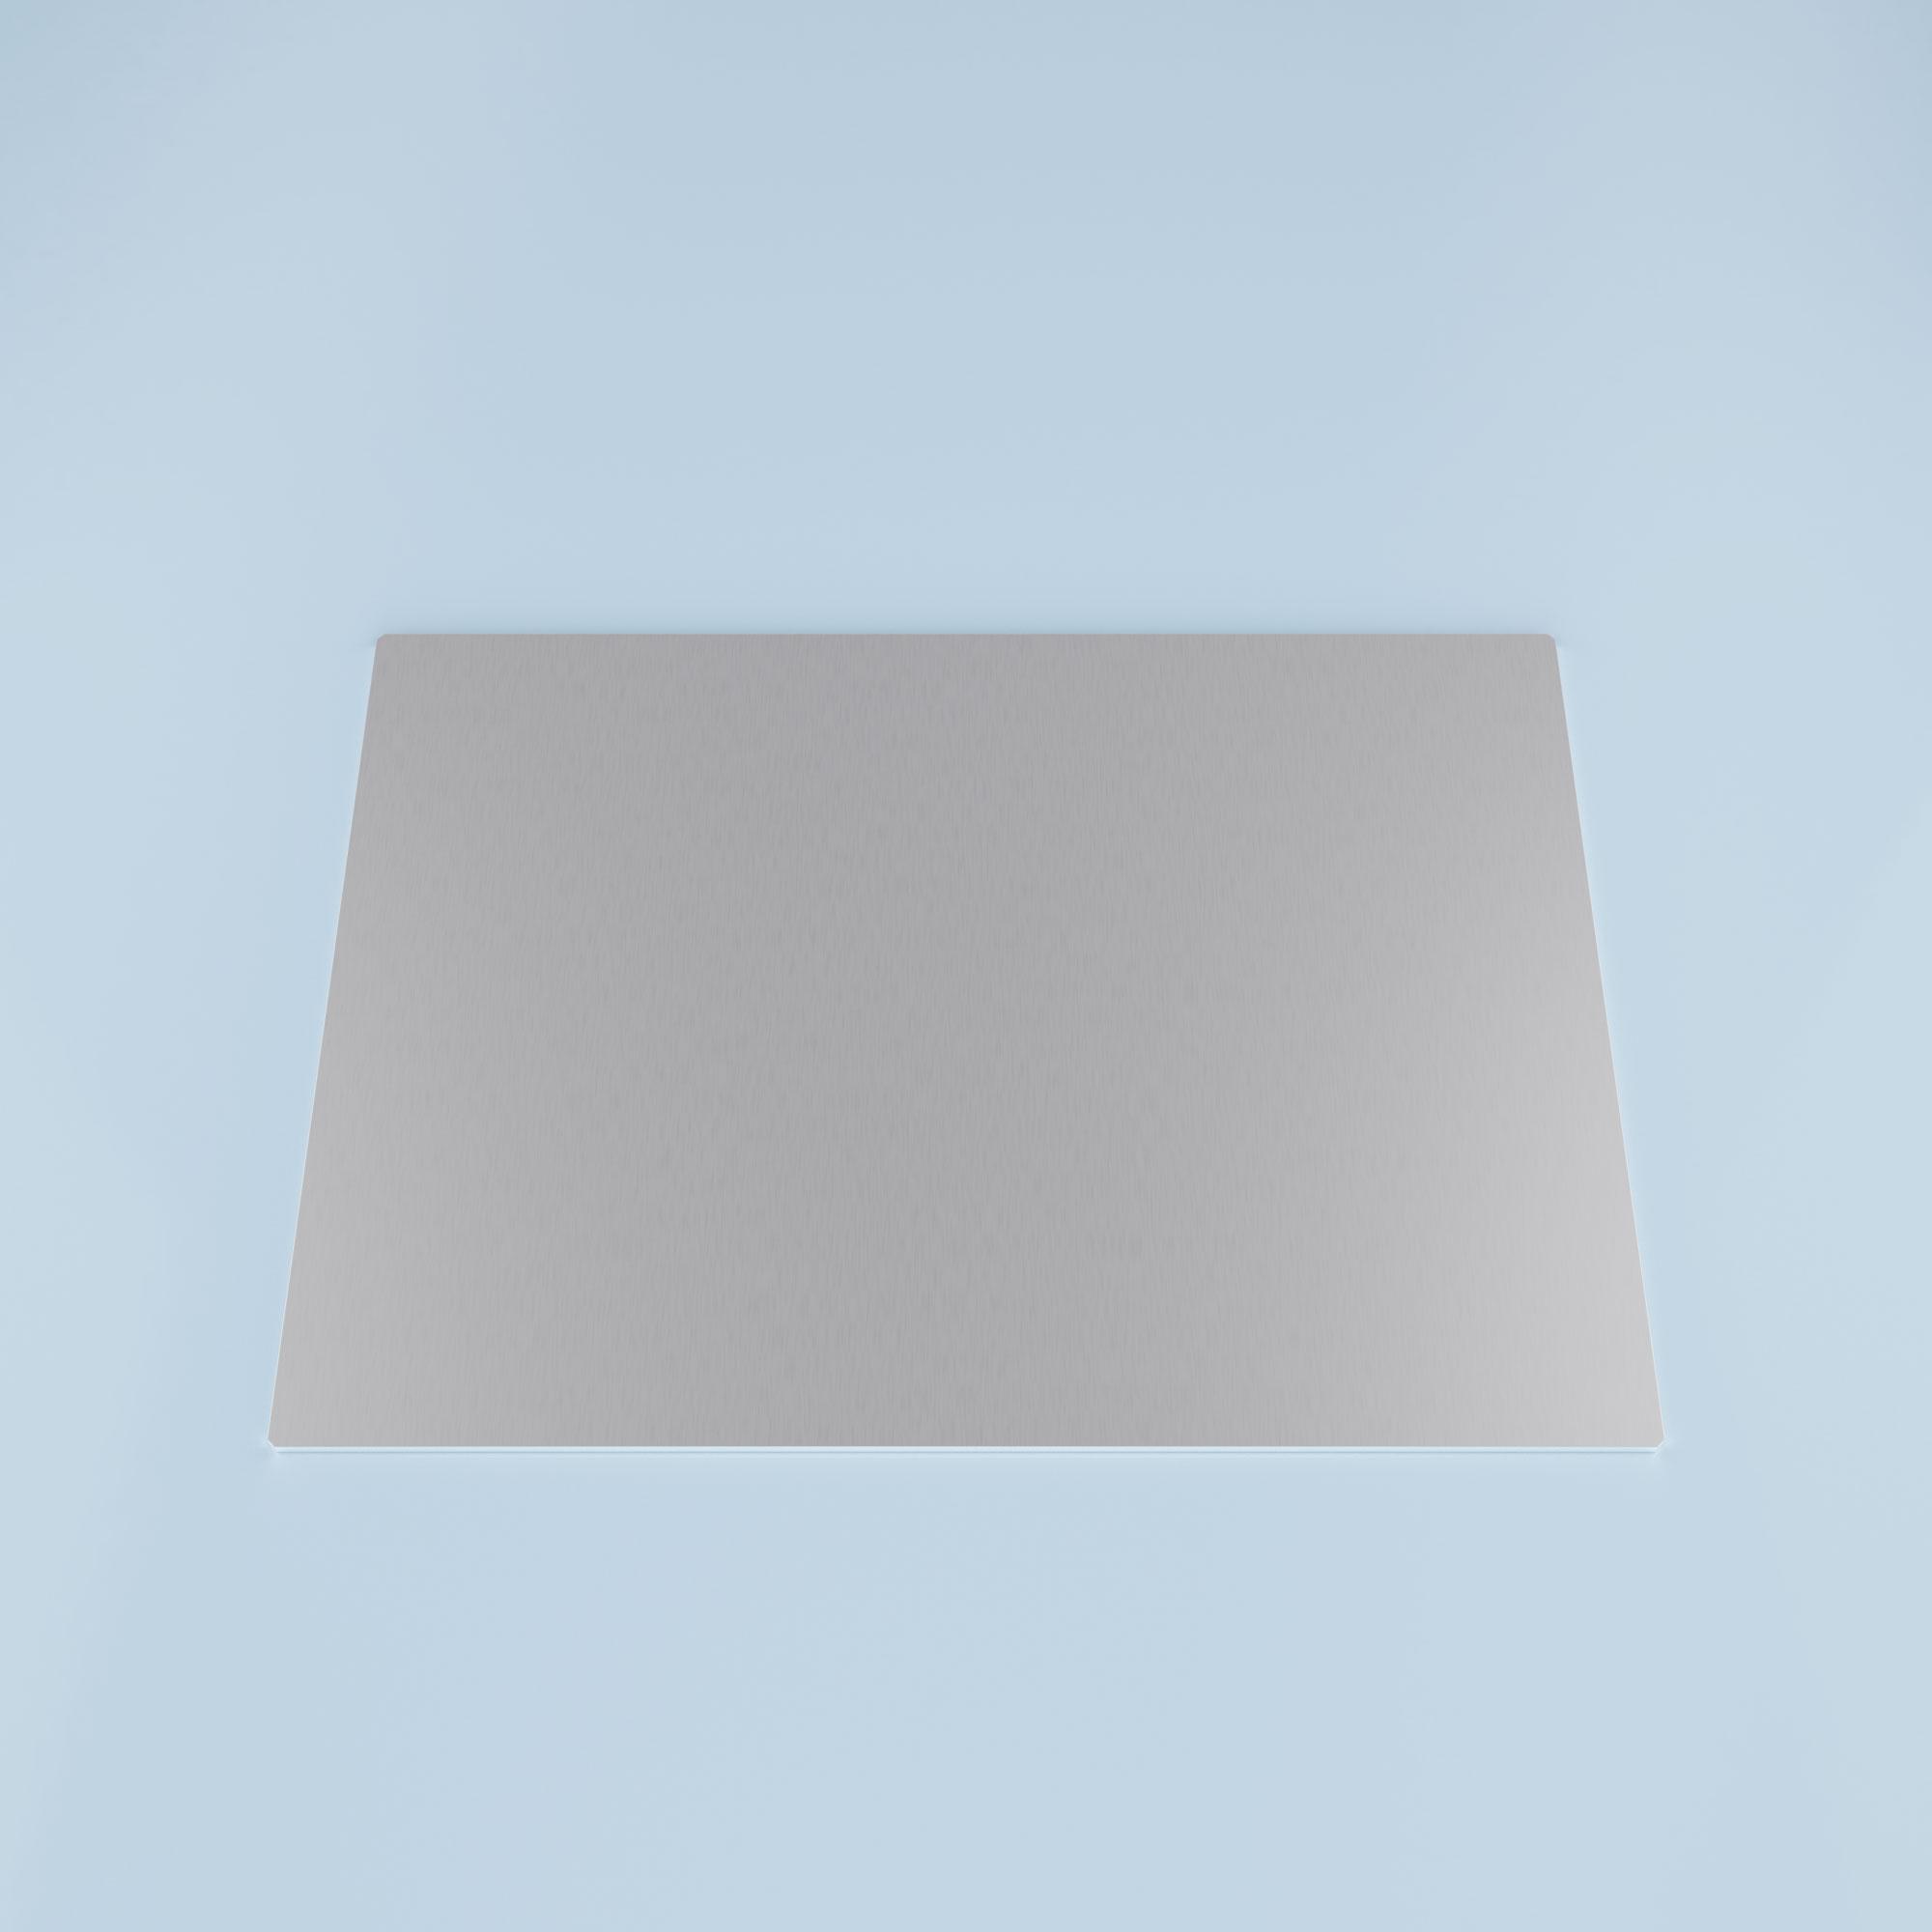 Pro-DigiMAM Proactive steel plate